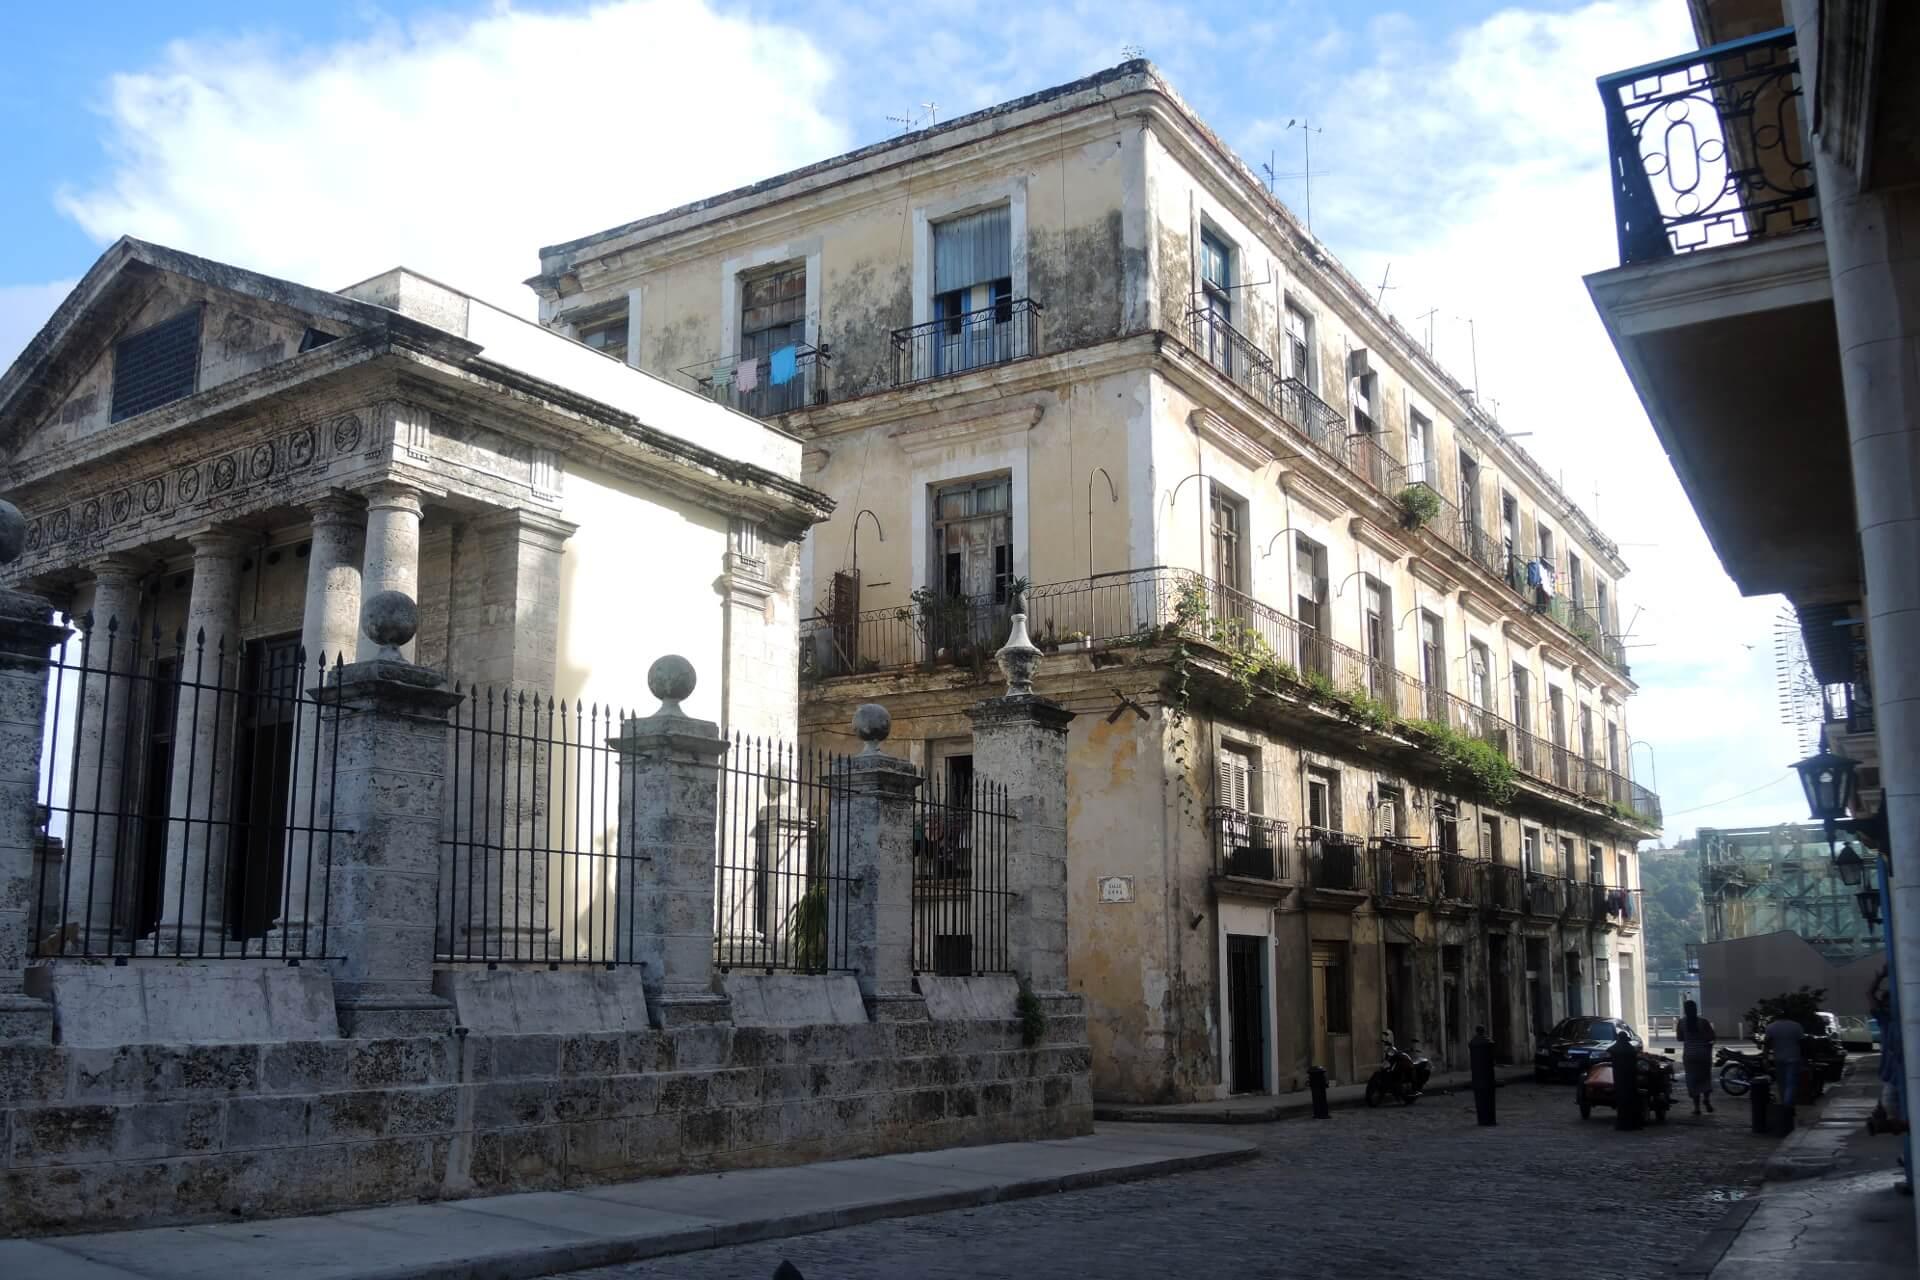 Die schönsten Sehenswürdigkeiten in Kuba - La Habana Vieja, die Altstadt Havannas